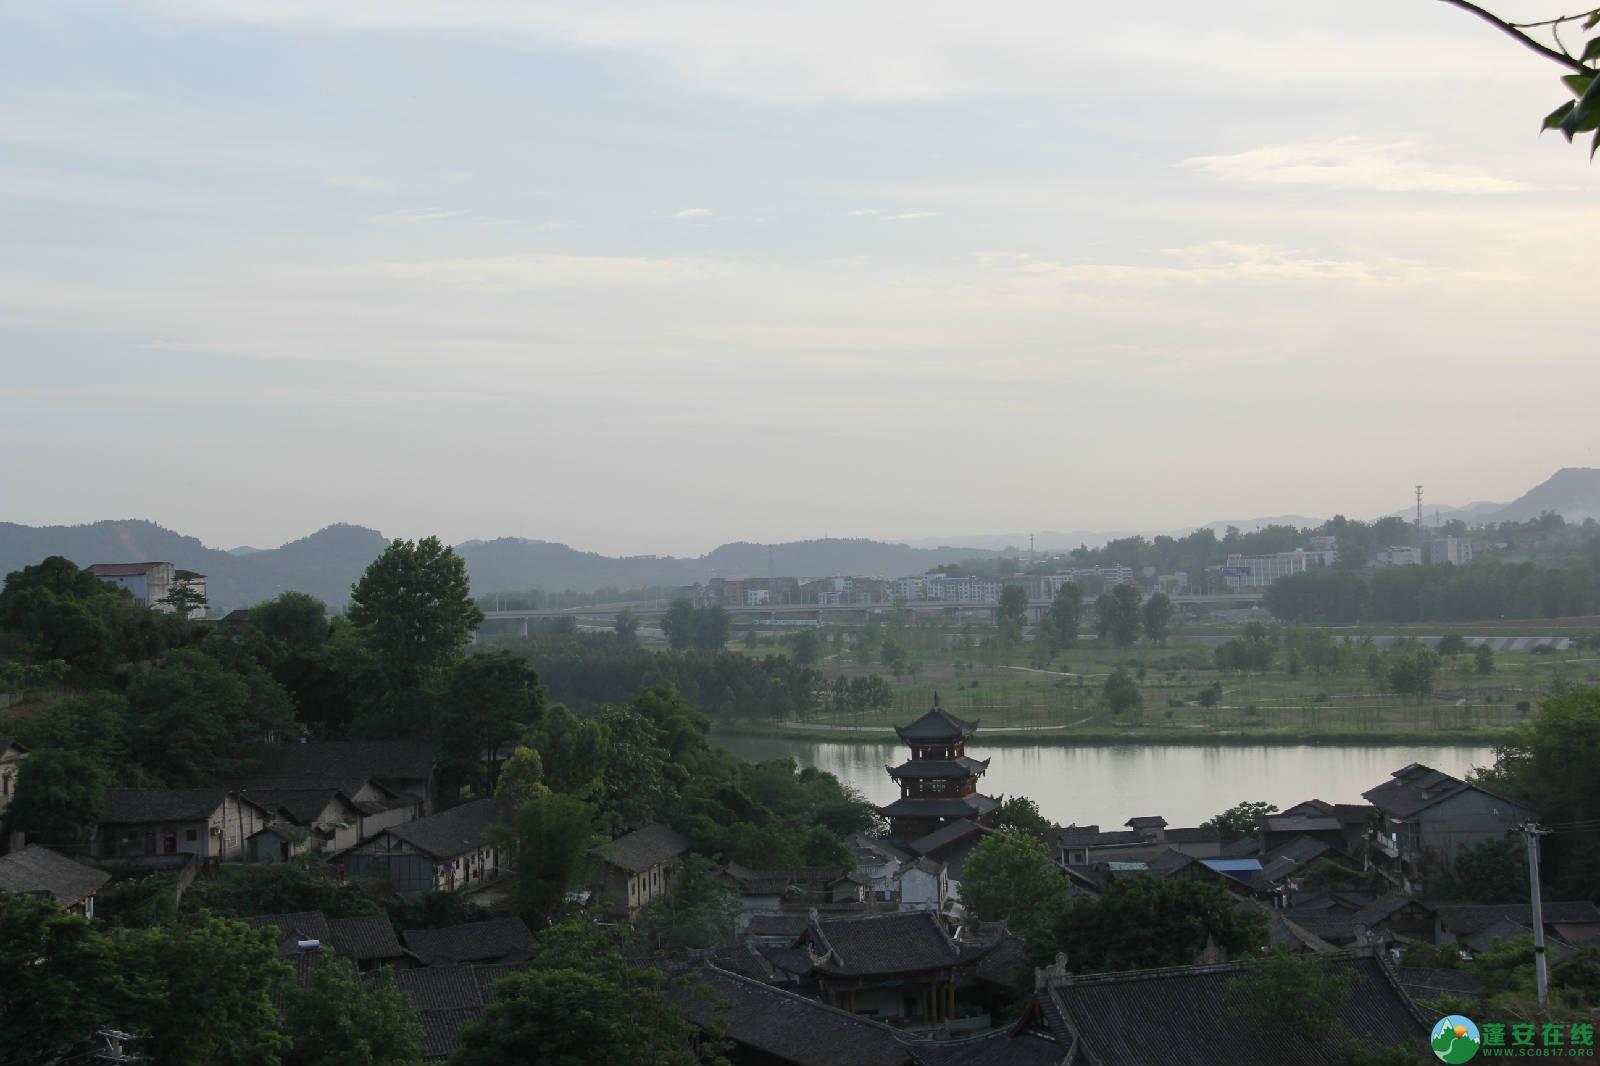 蓬安山水之城 - 第1张  | 蓬安在线